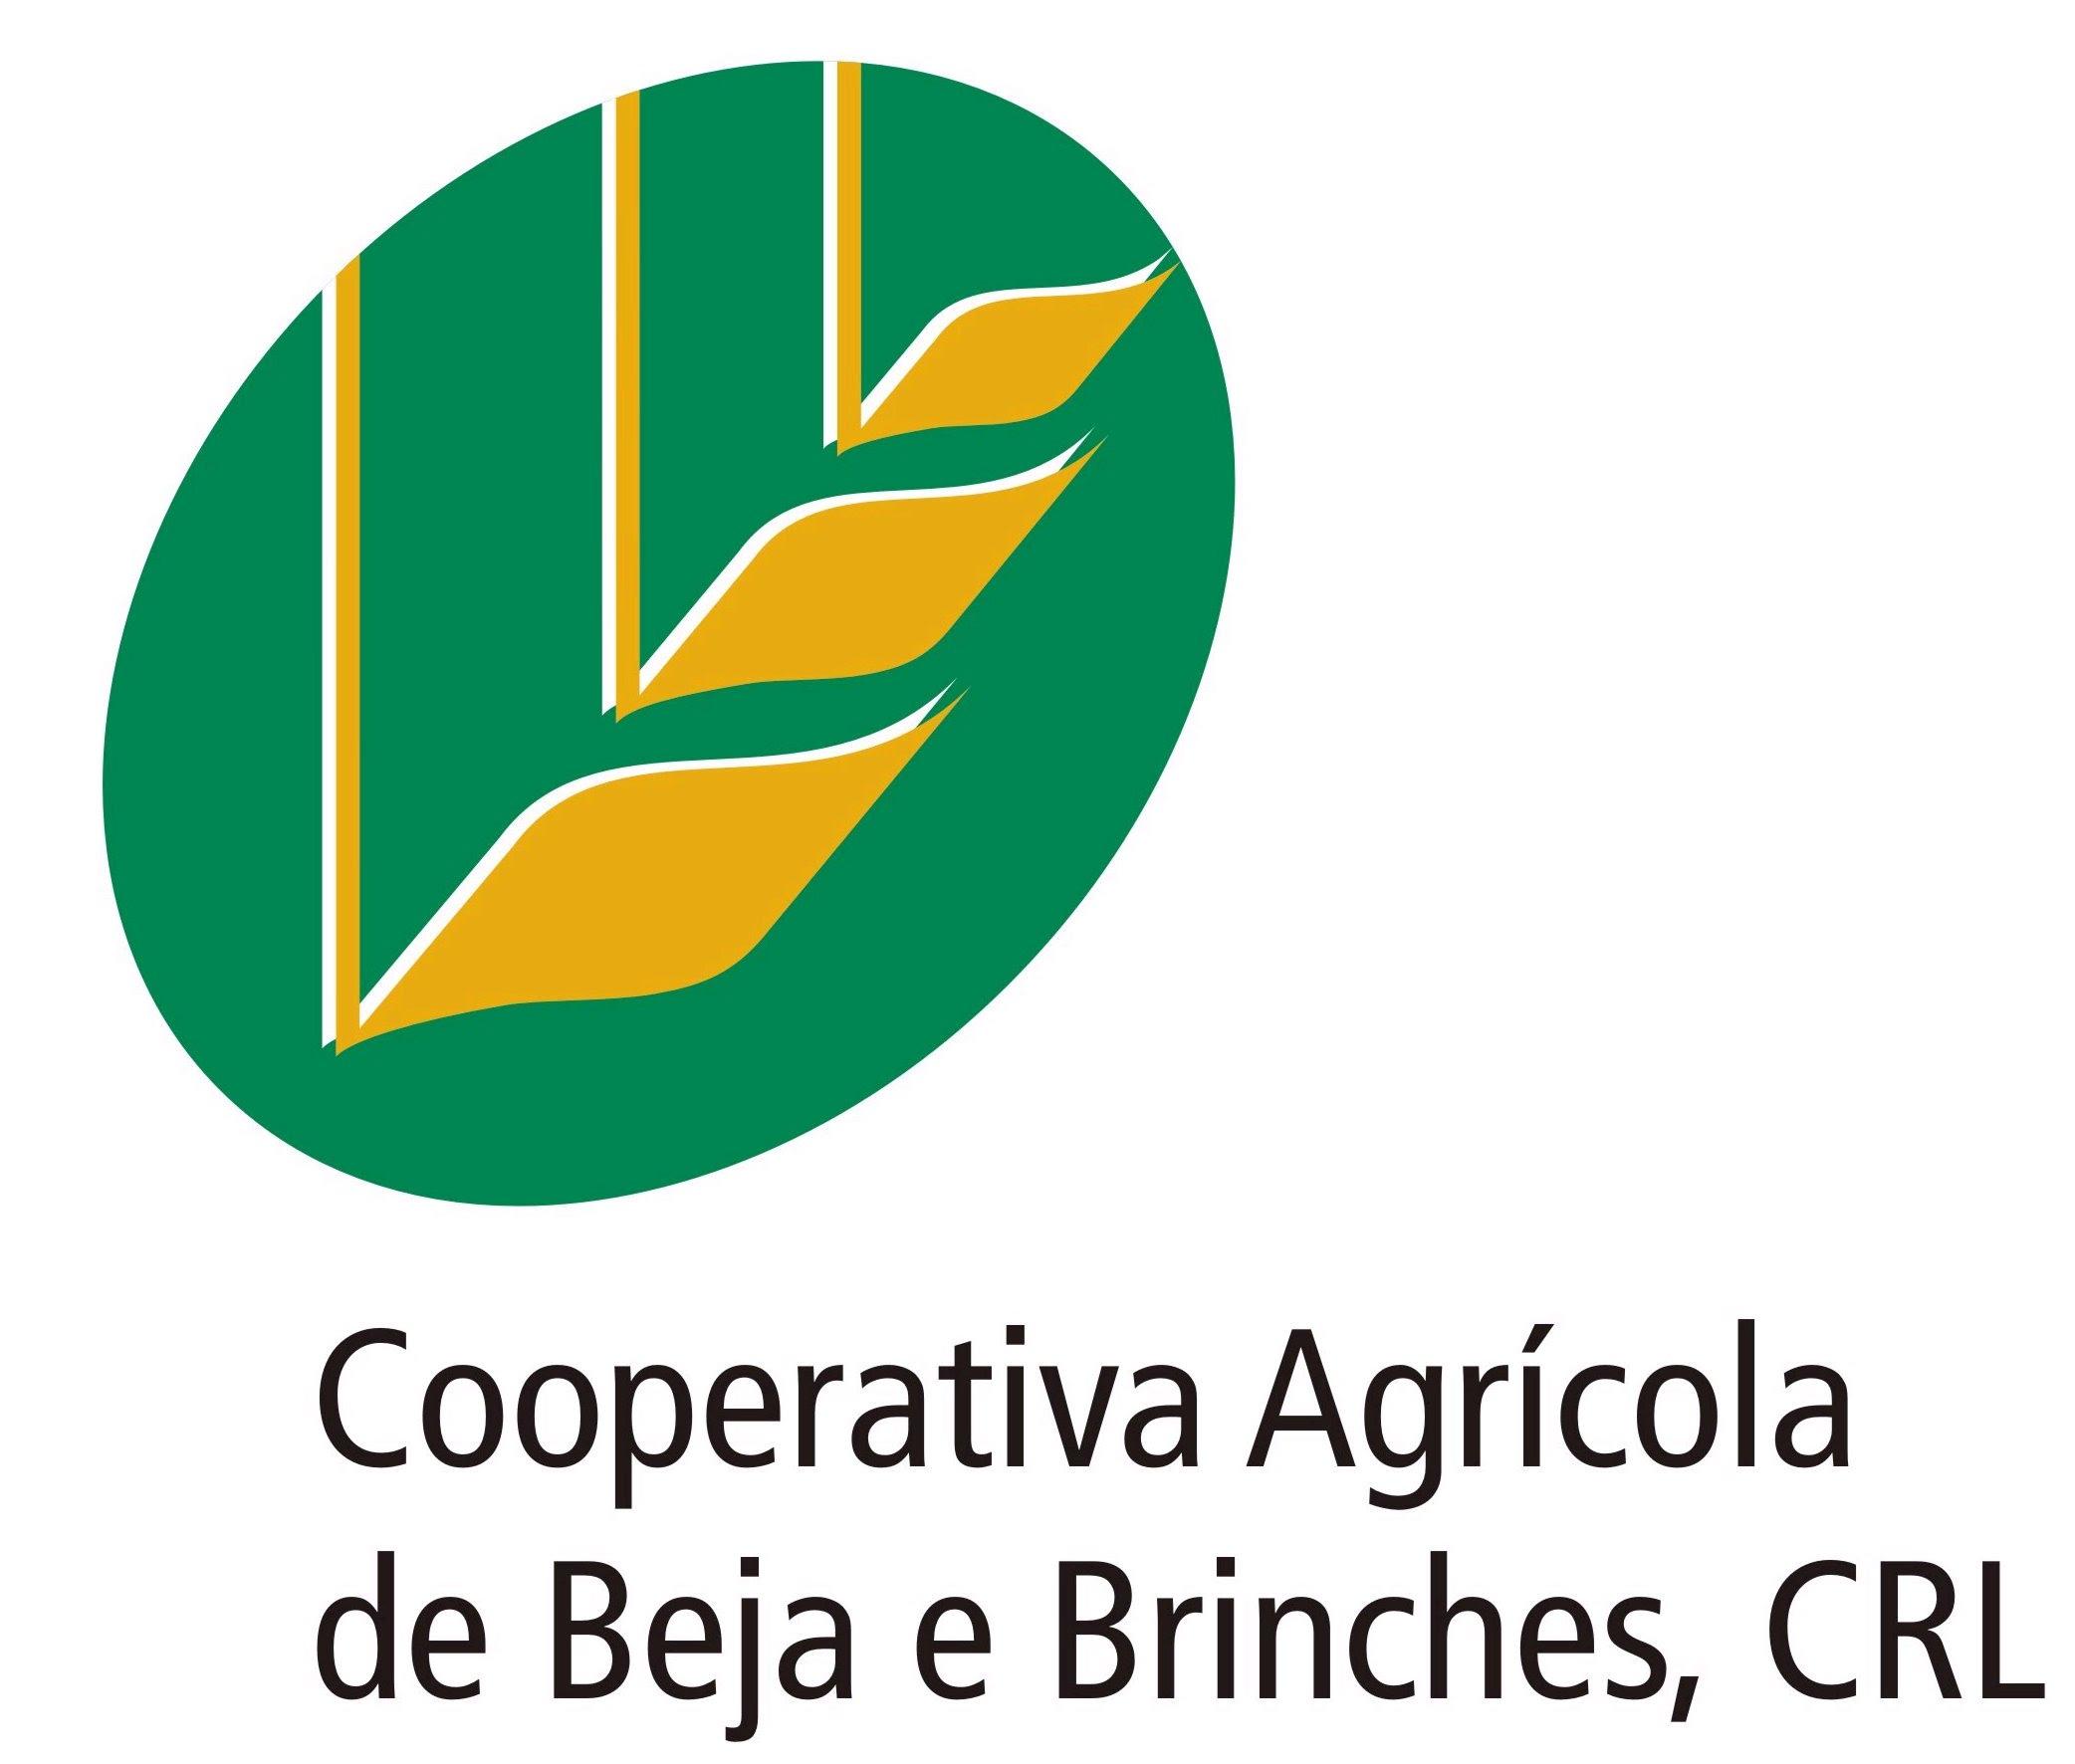 Cooperativa Agrícola de Beja e Brinches, CRL